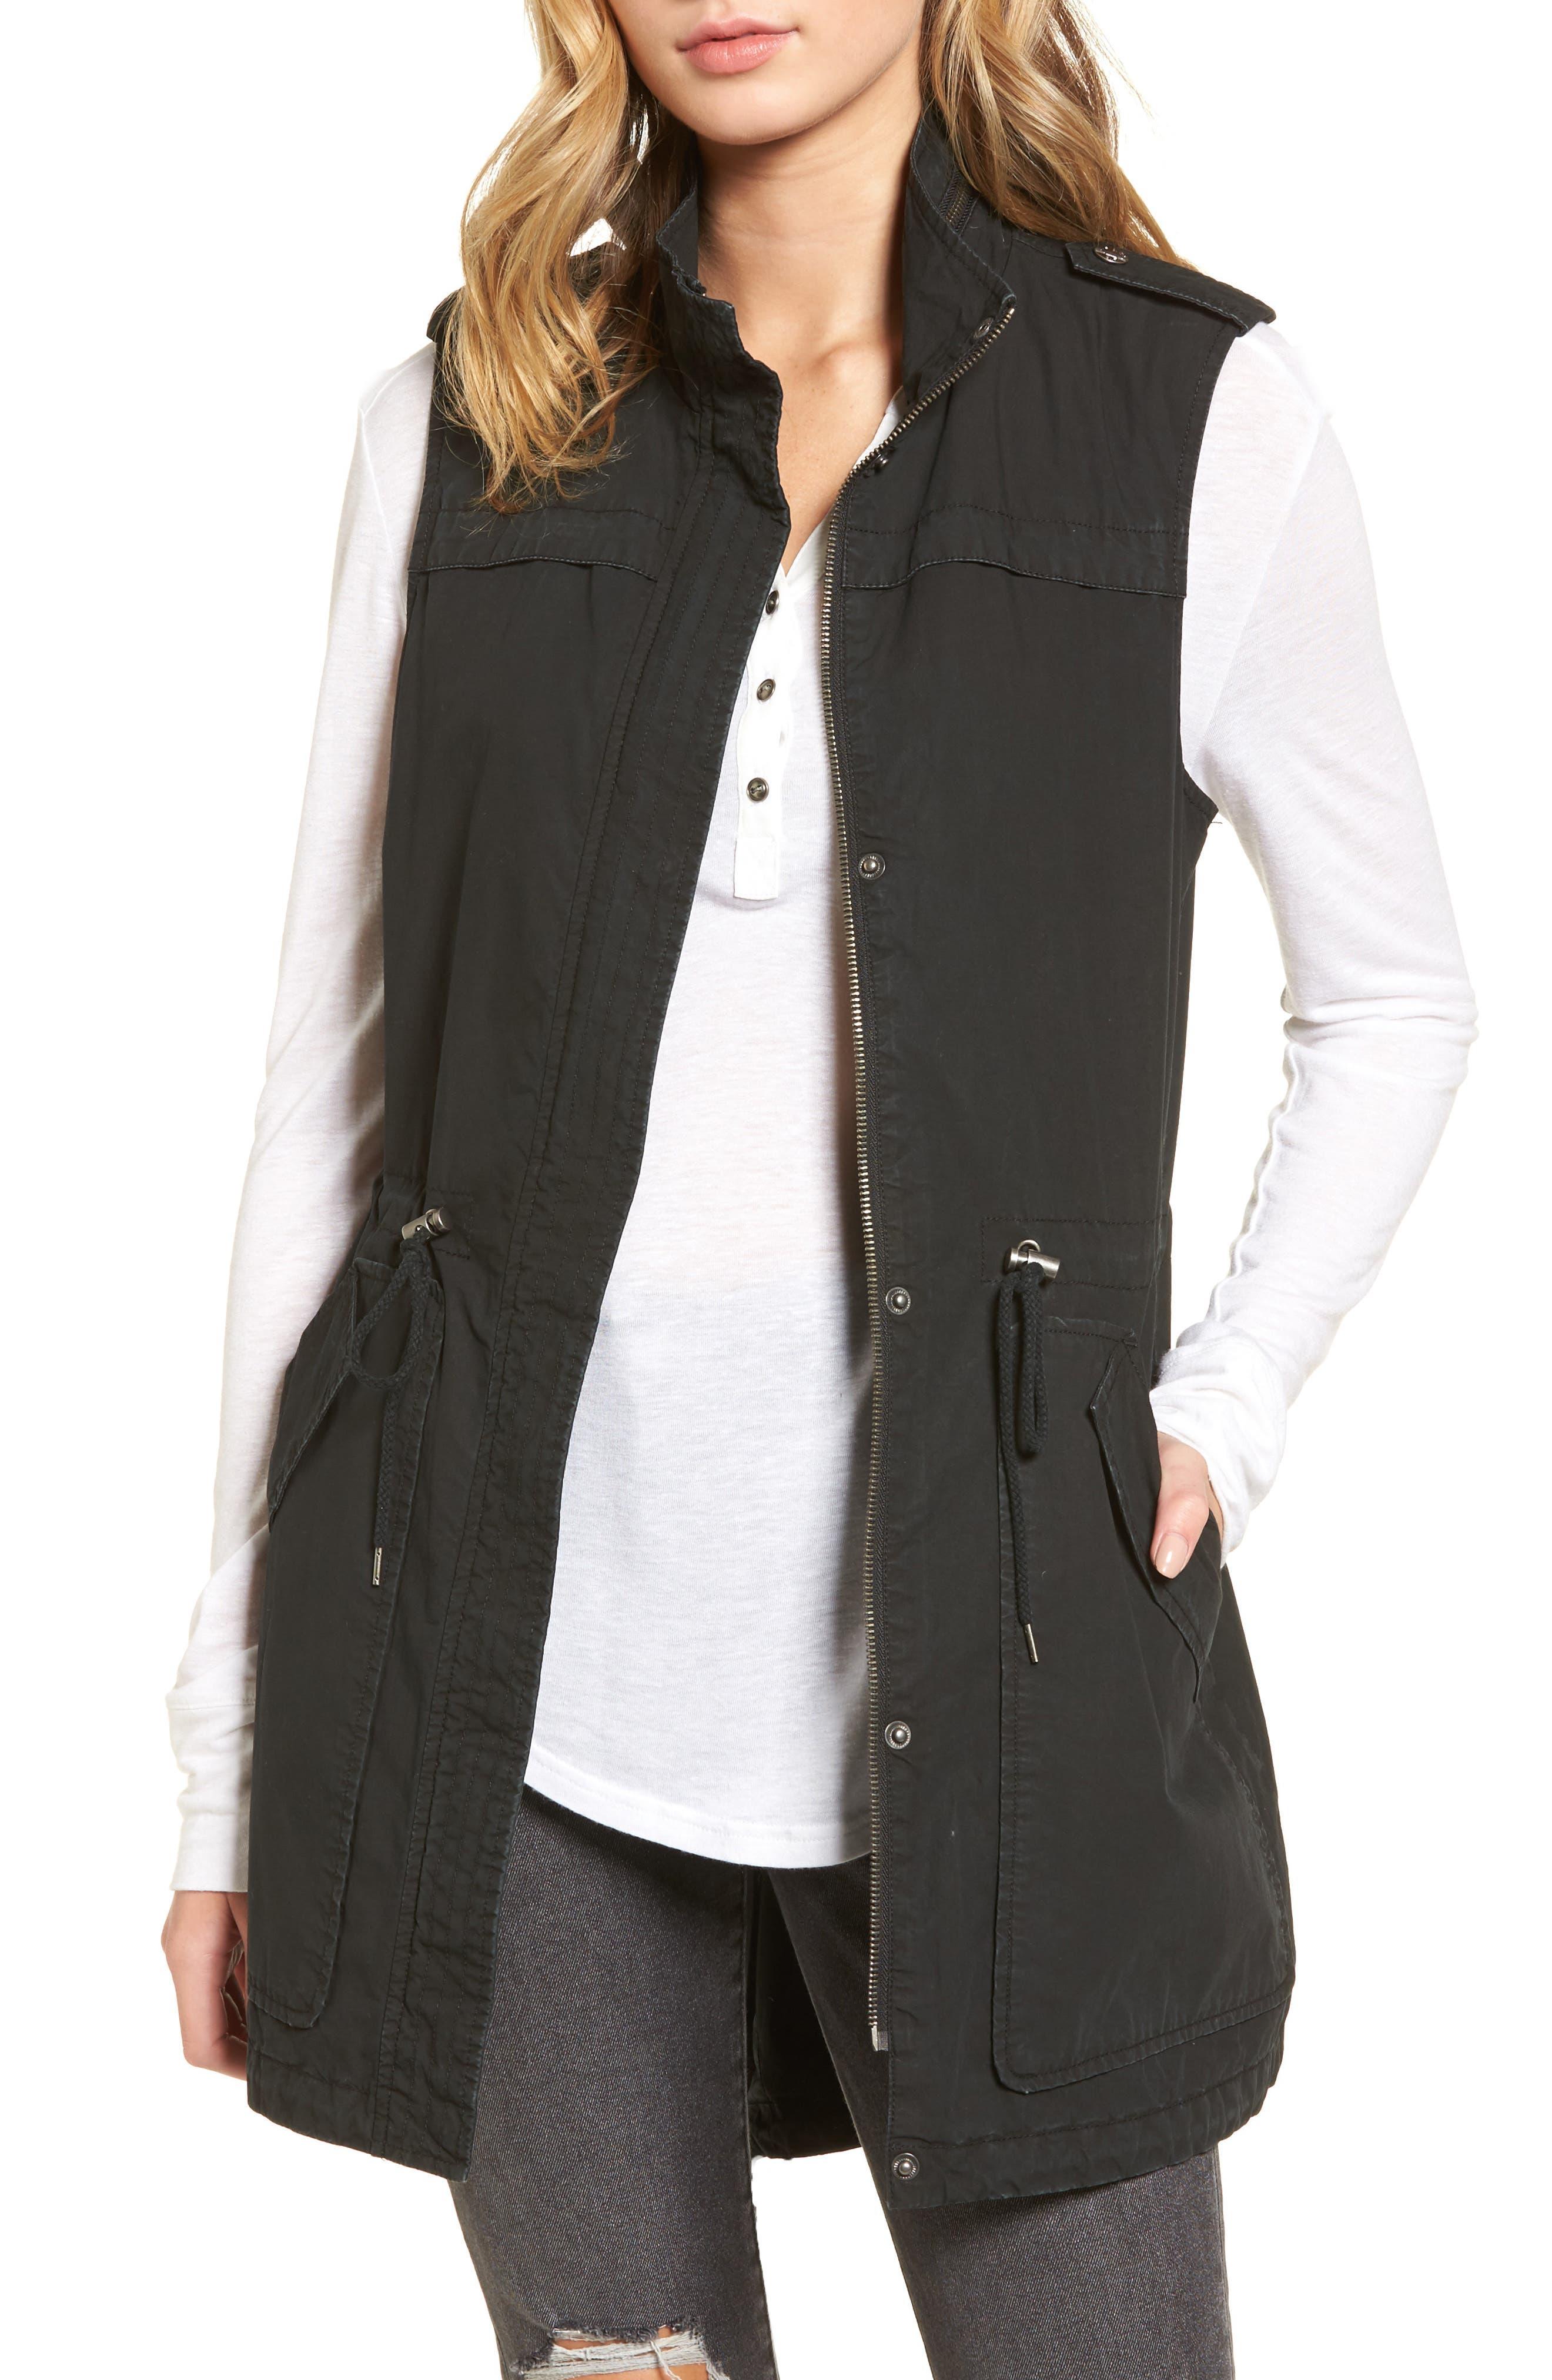 Alternate Image 1 Selected - Levi's Parachute Cotton Vest